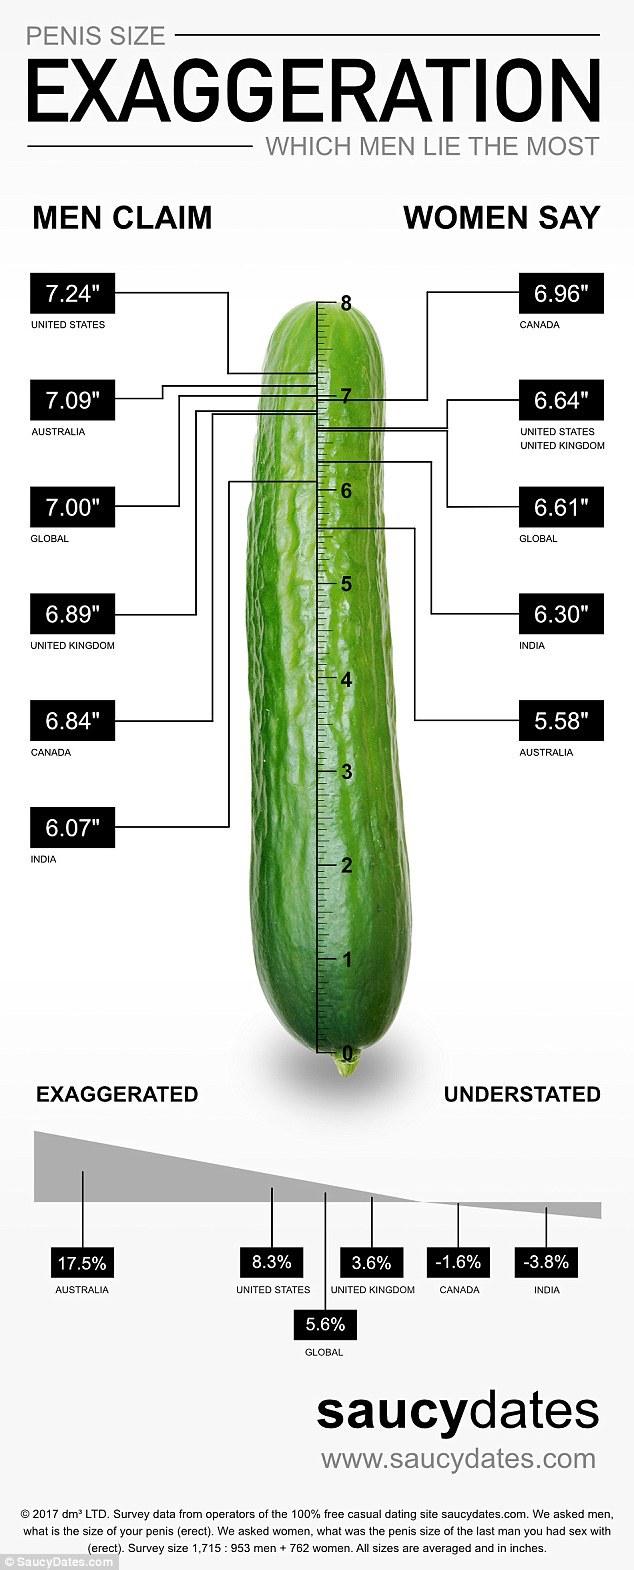 arată dimensiunea medie a penisului